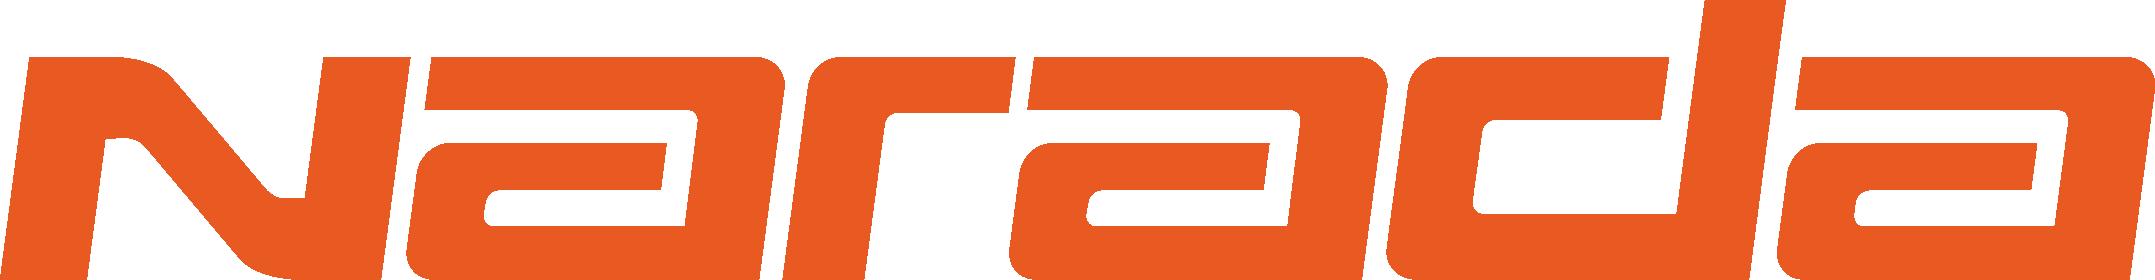 narada-logo-transparent